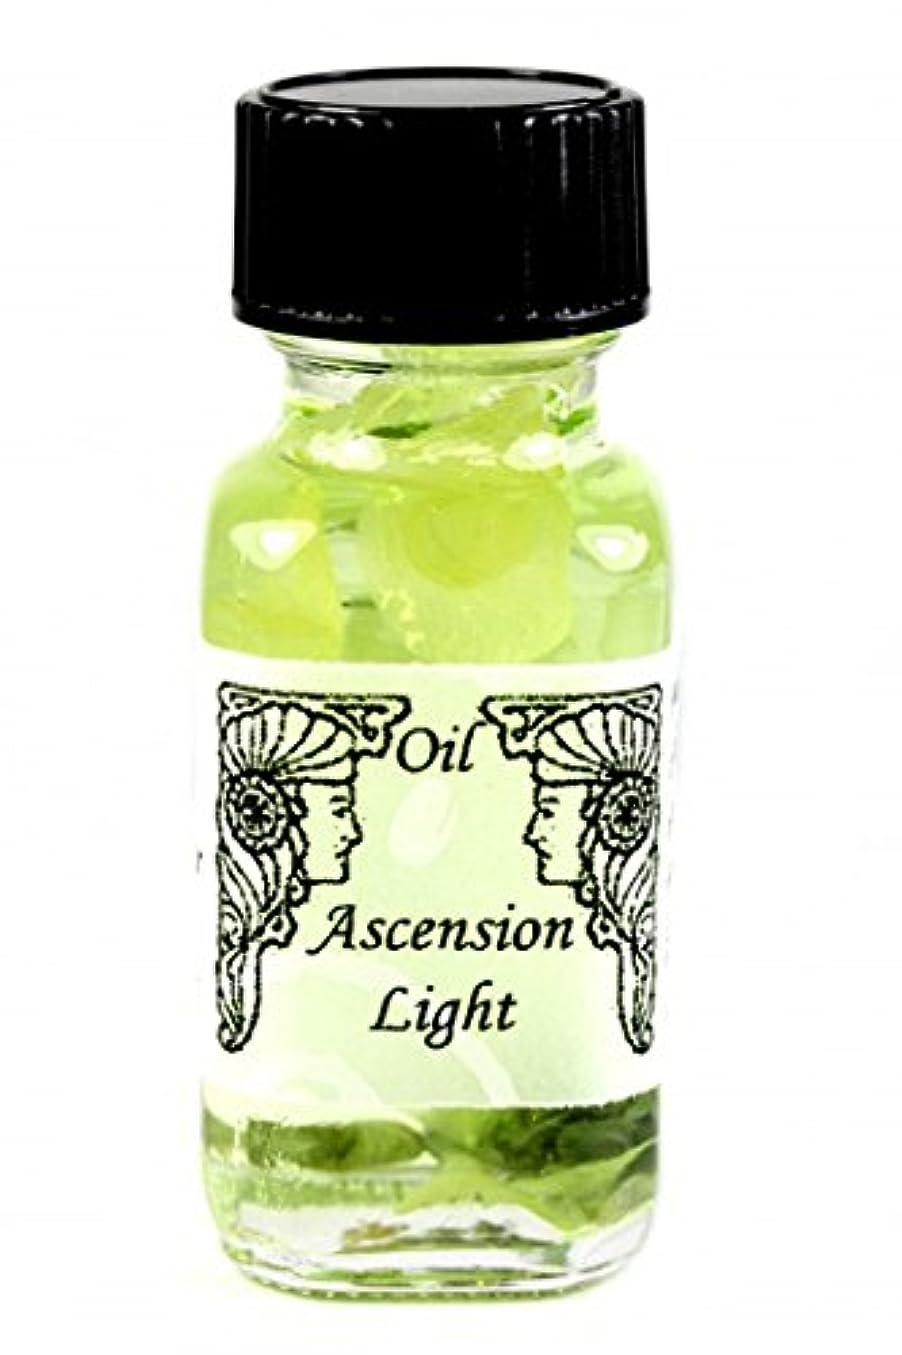 バーチャル影響したいアンシェントメモリーオイル Ascension Light (アセンションの光)